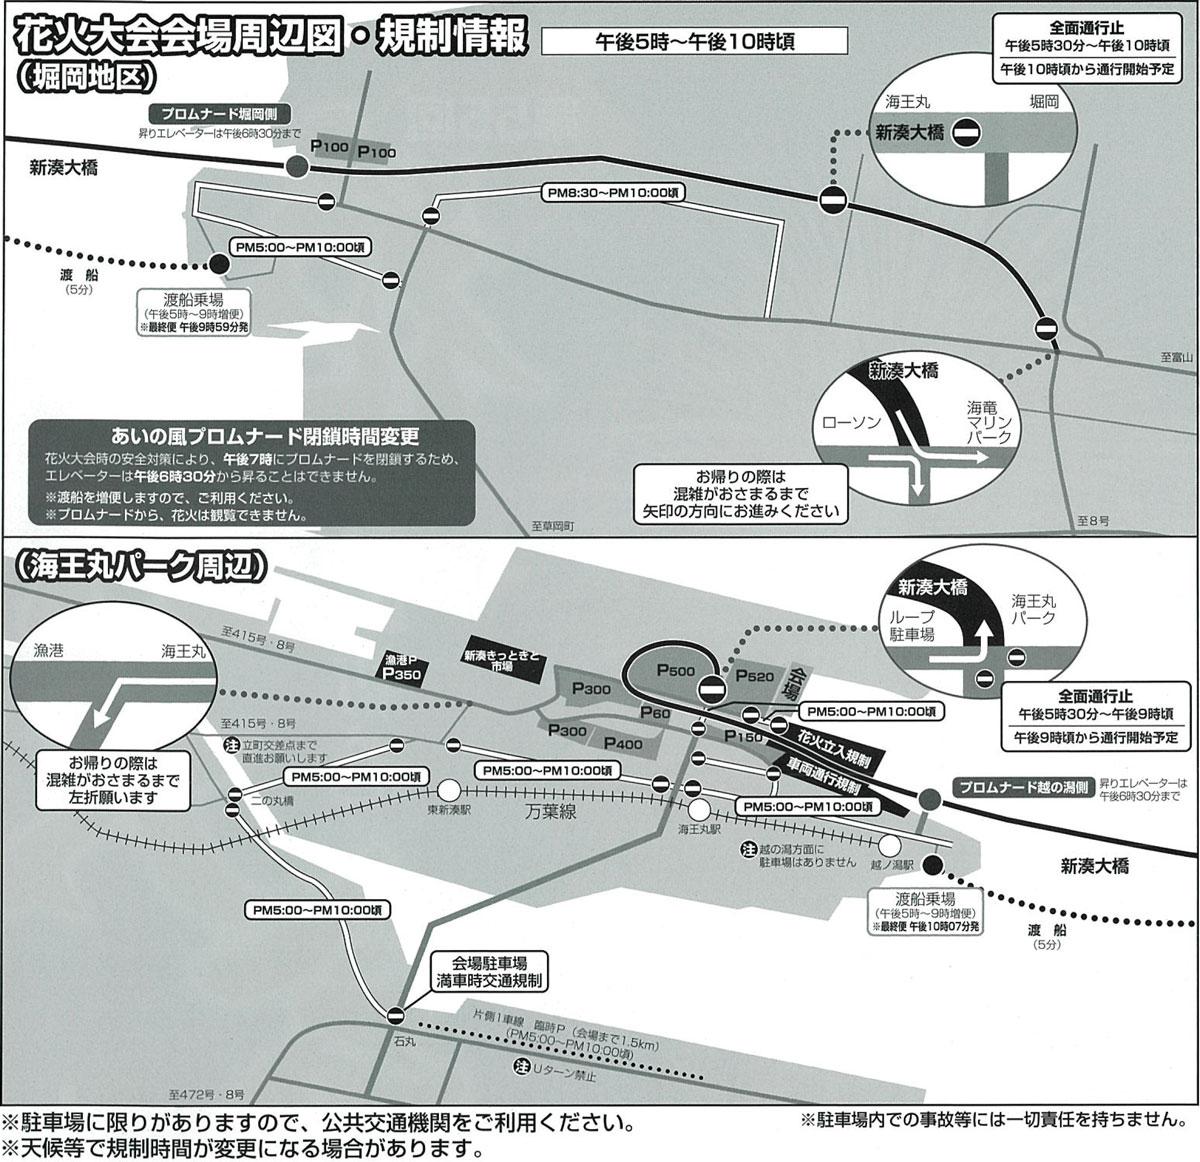 富山県射水市の富山新港、海王丸パークで開催される「富山新港花火大会2019」の交通規制地図